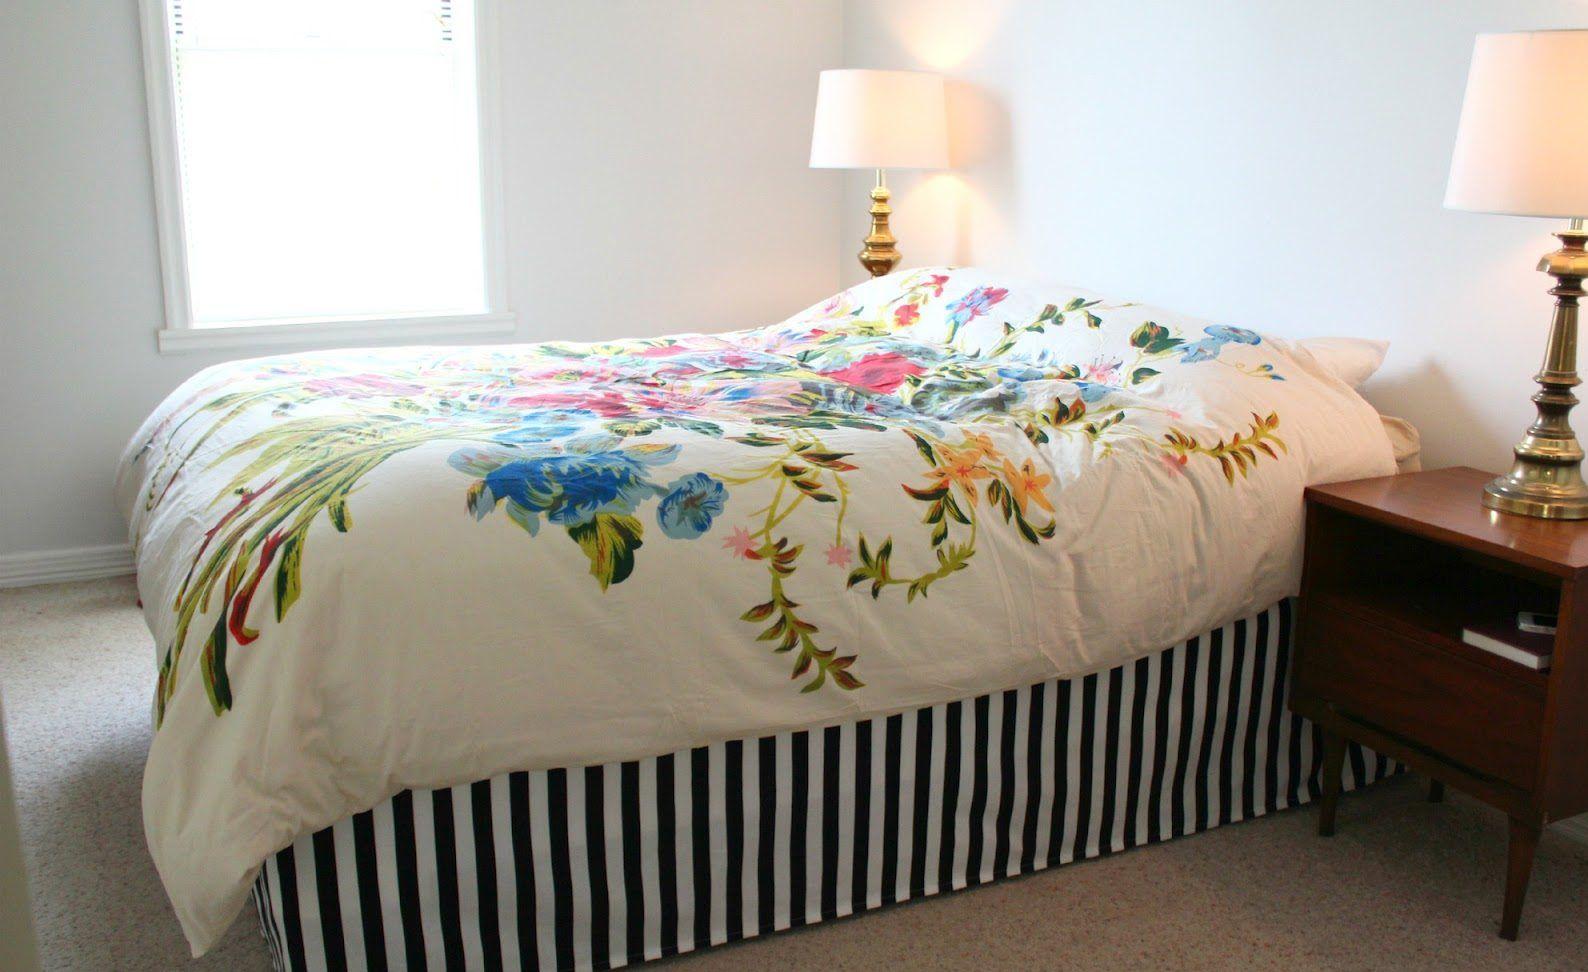 Tutorial easy DIY bed skirt in 2020 Simple bed, Diy bed